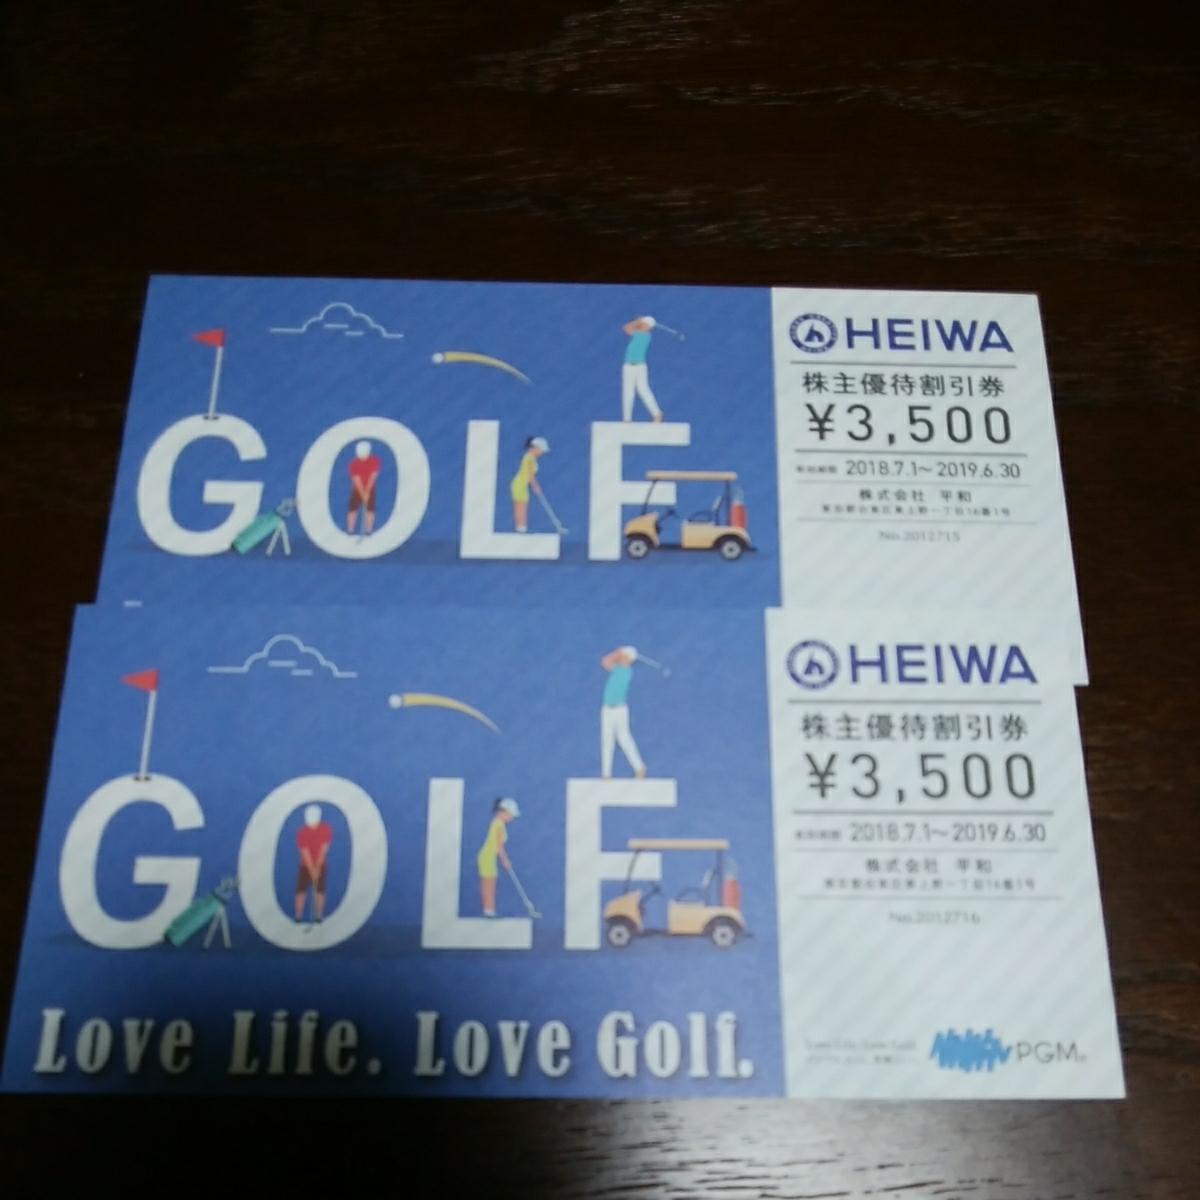 平和株主優待割引券 2枚(¥3500×2)